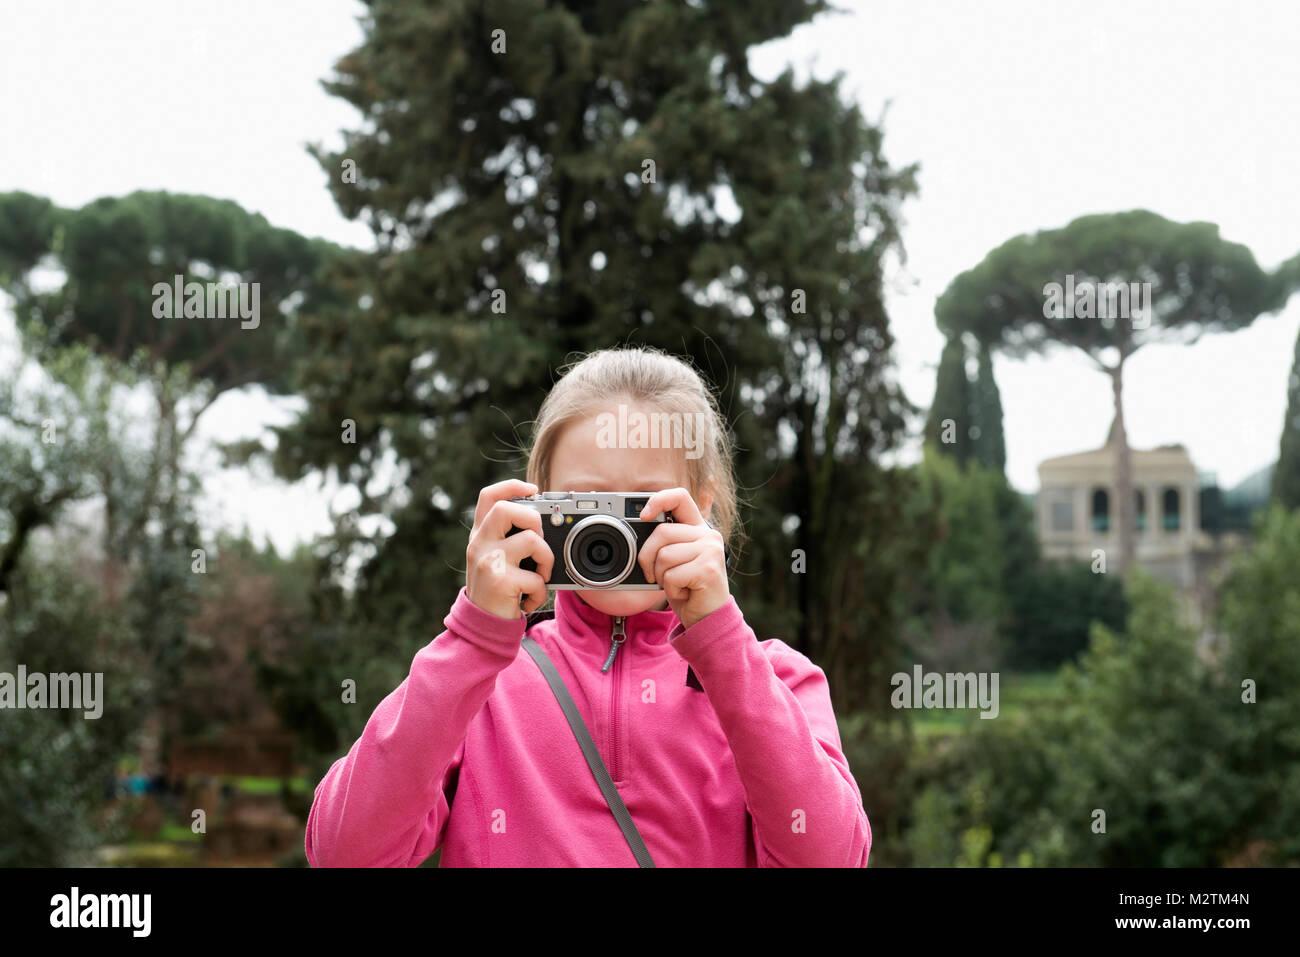 Ein junges Mädchen, das Aufnehmen von Fotos Stockbild